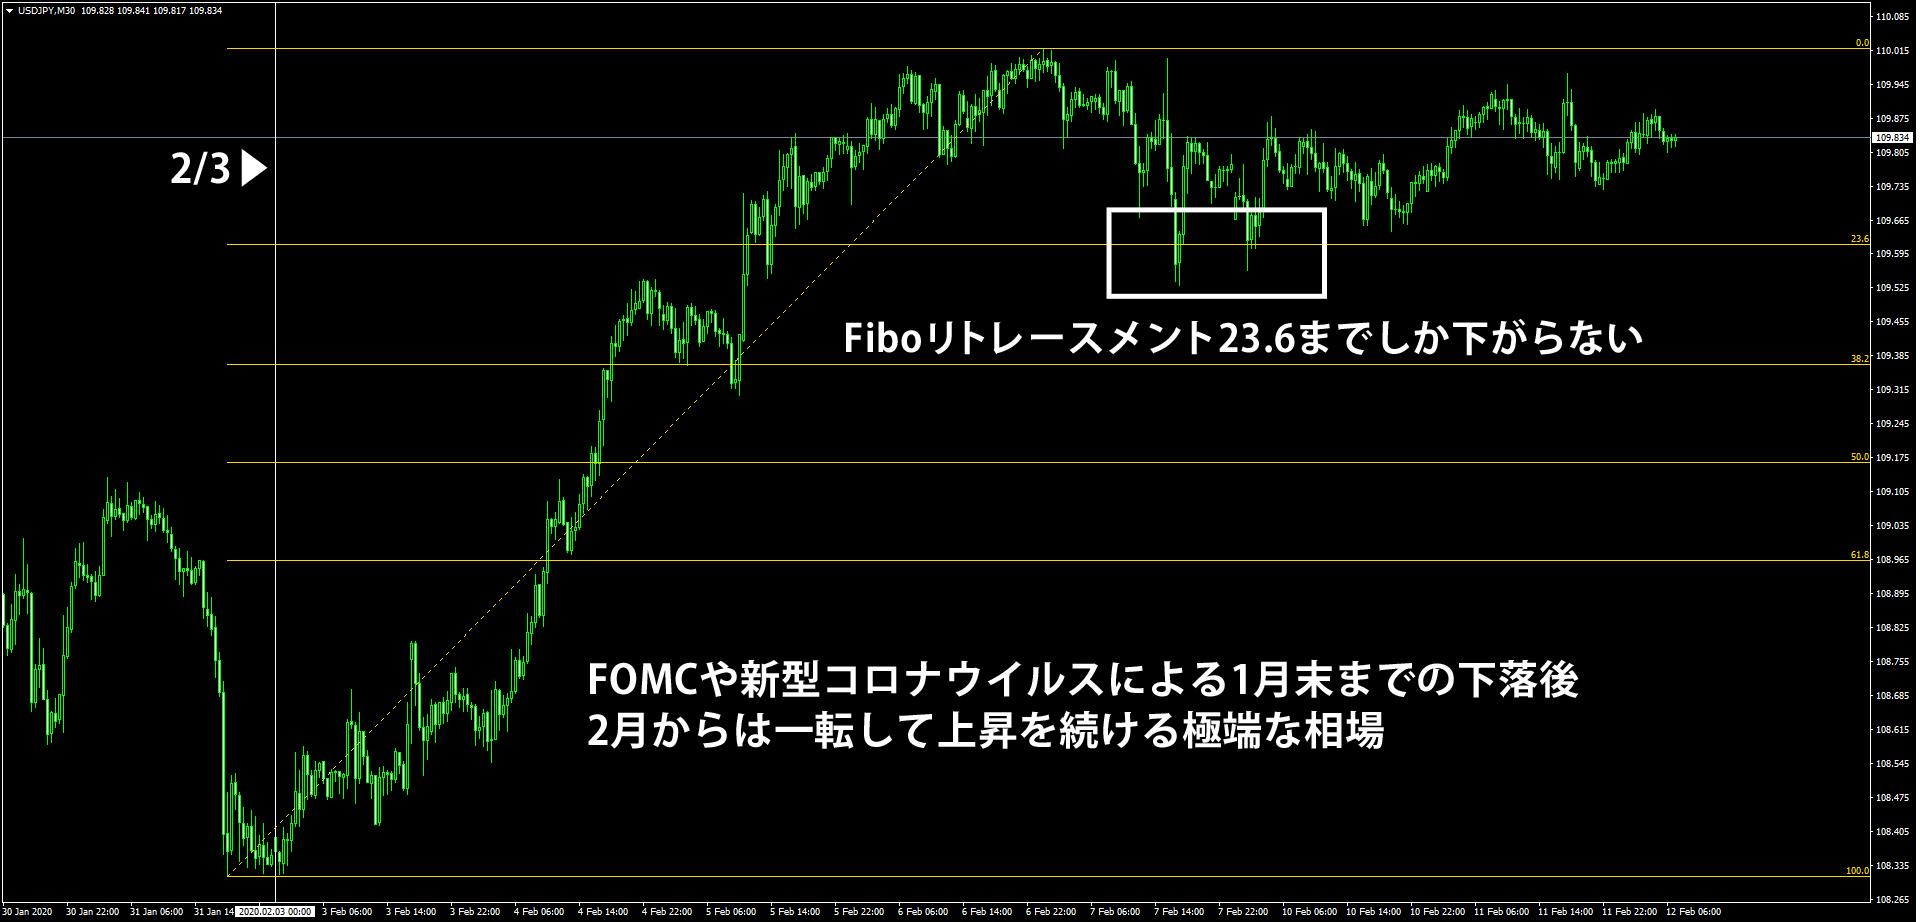 2月に入ってから上昇を続けるドル円の30分足チャート